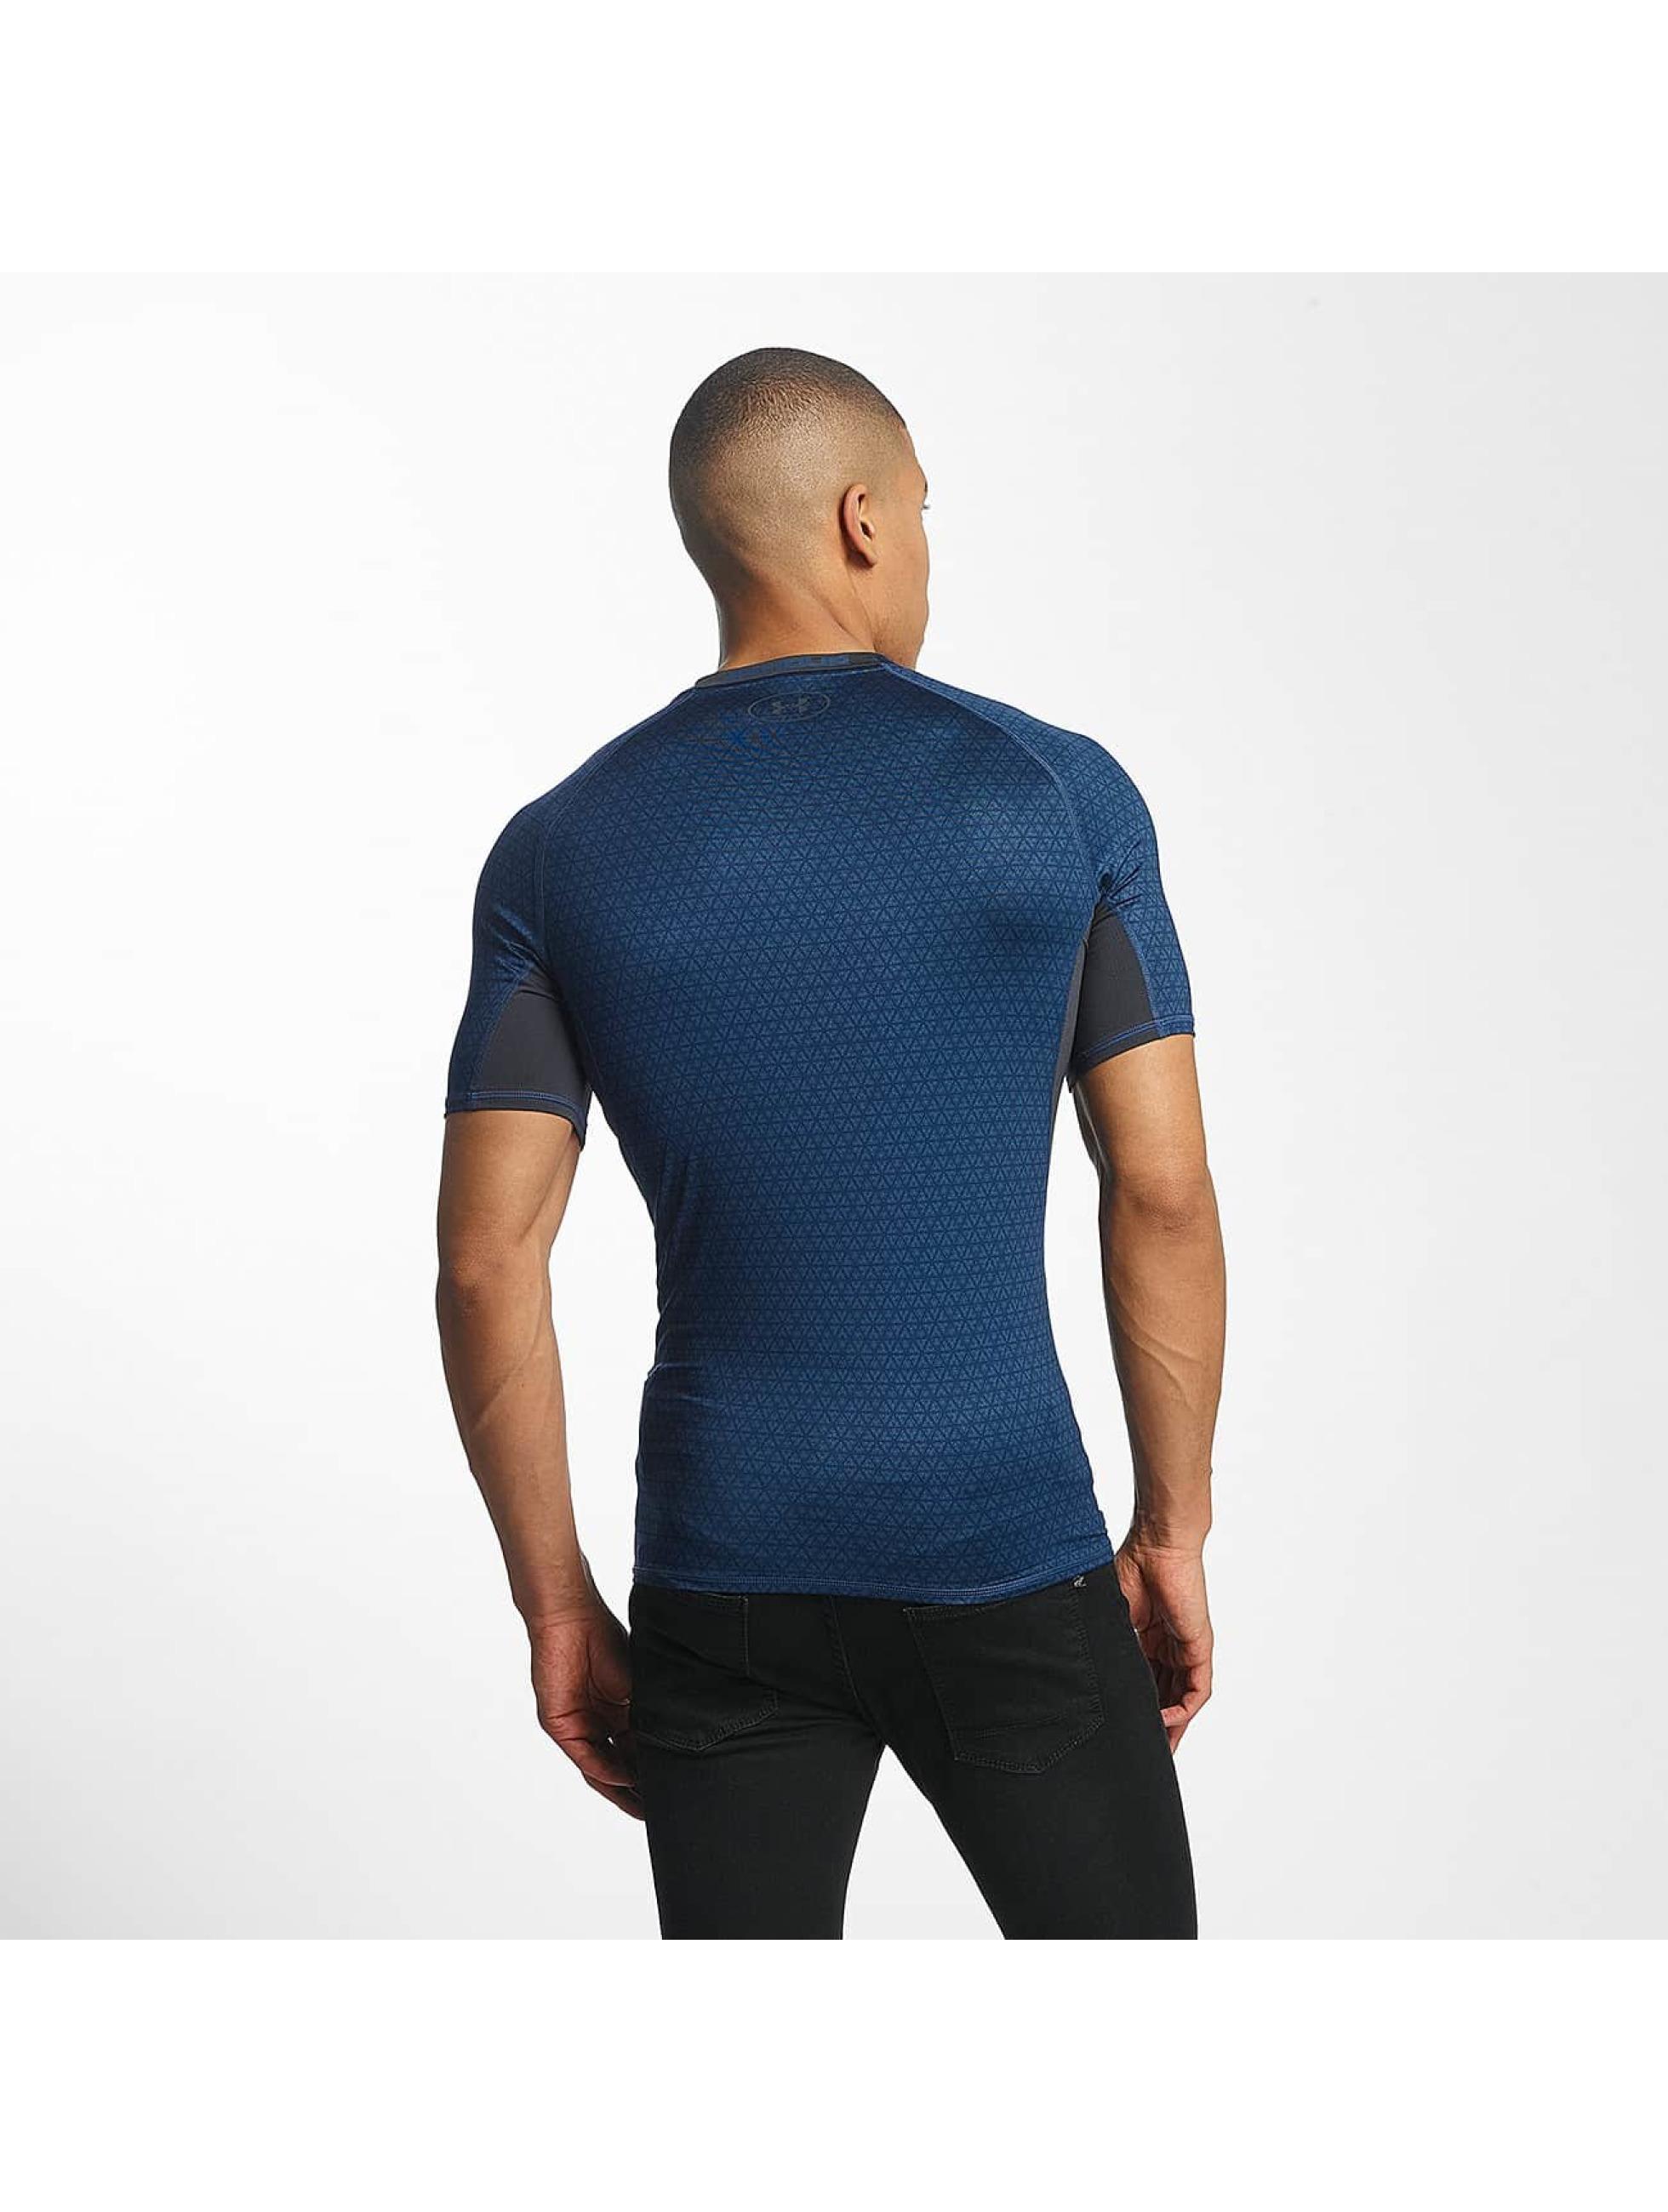 Under armour heatgear gris homme t shirt 357119 for Original under armour shirt